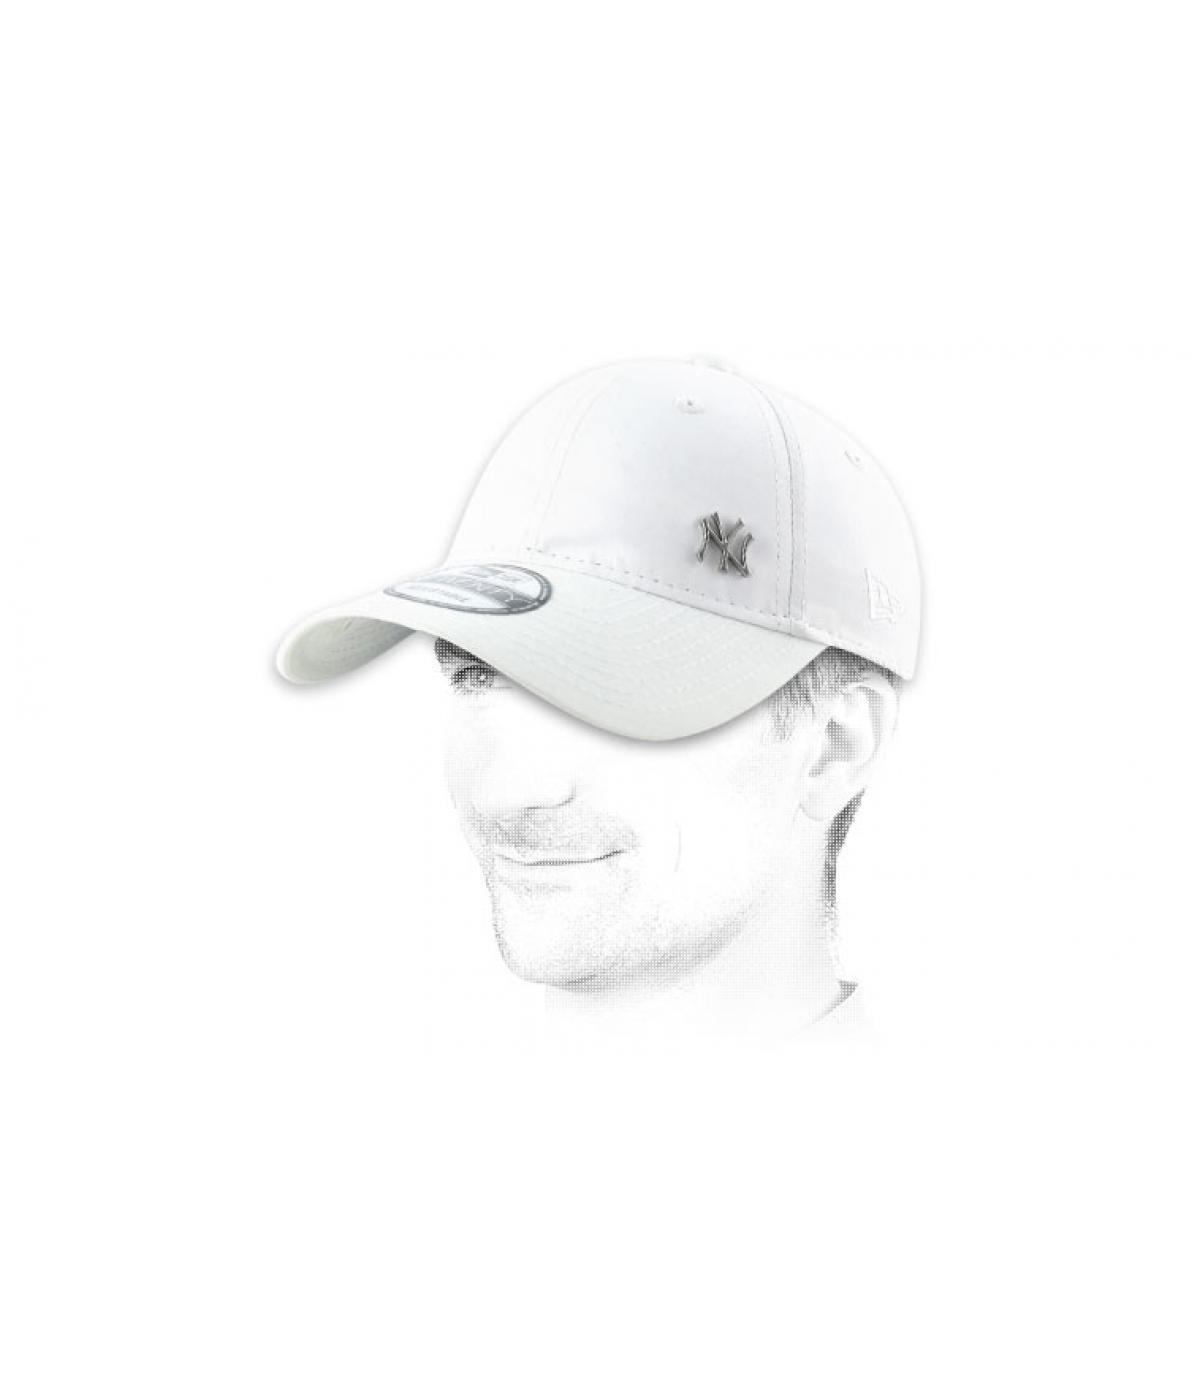 mini ny trucker cap